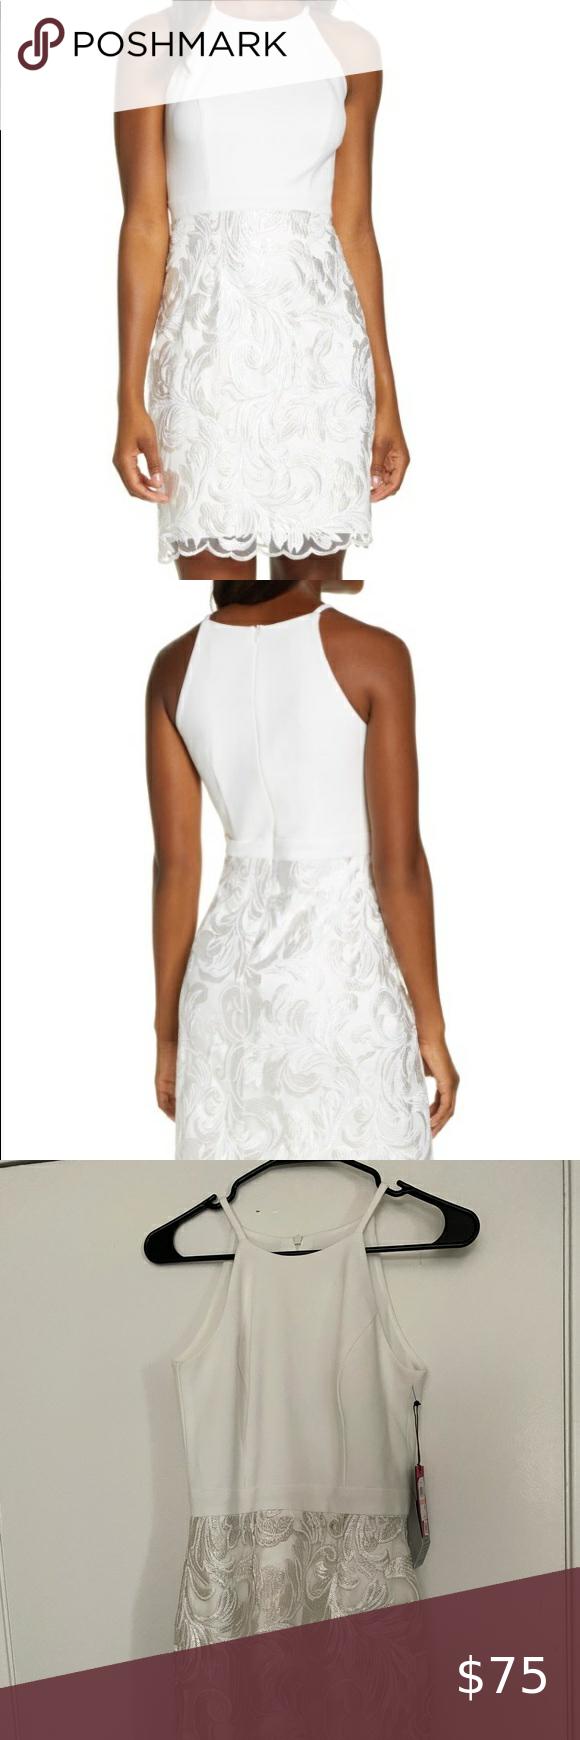 Vince Camuto White Dress White Dress Dresses Mini Dress [ 1740 x 580 Pixel ]